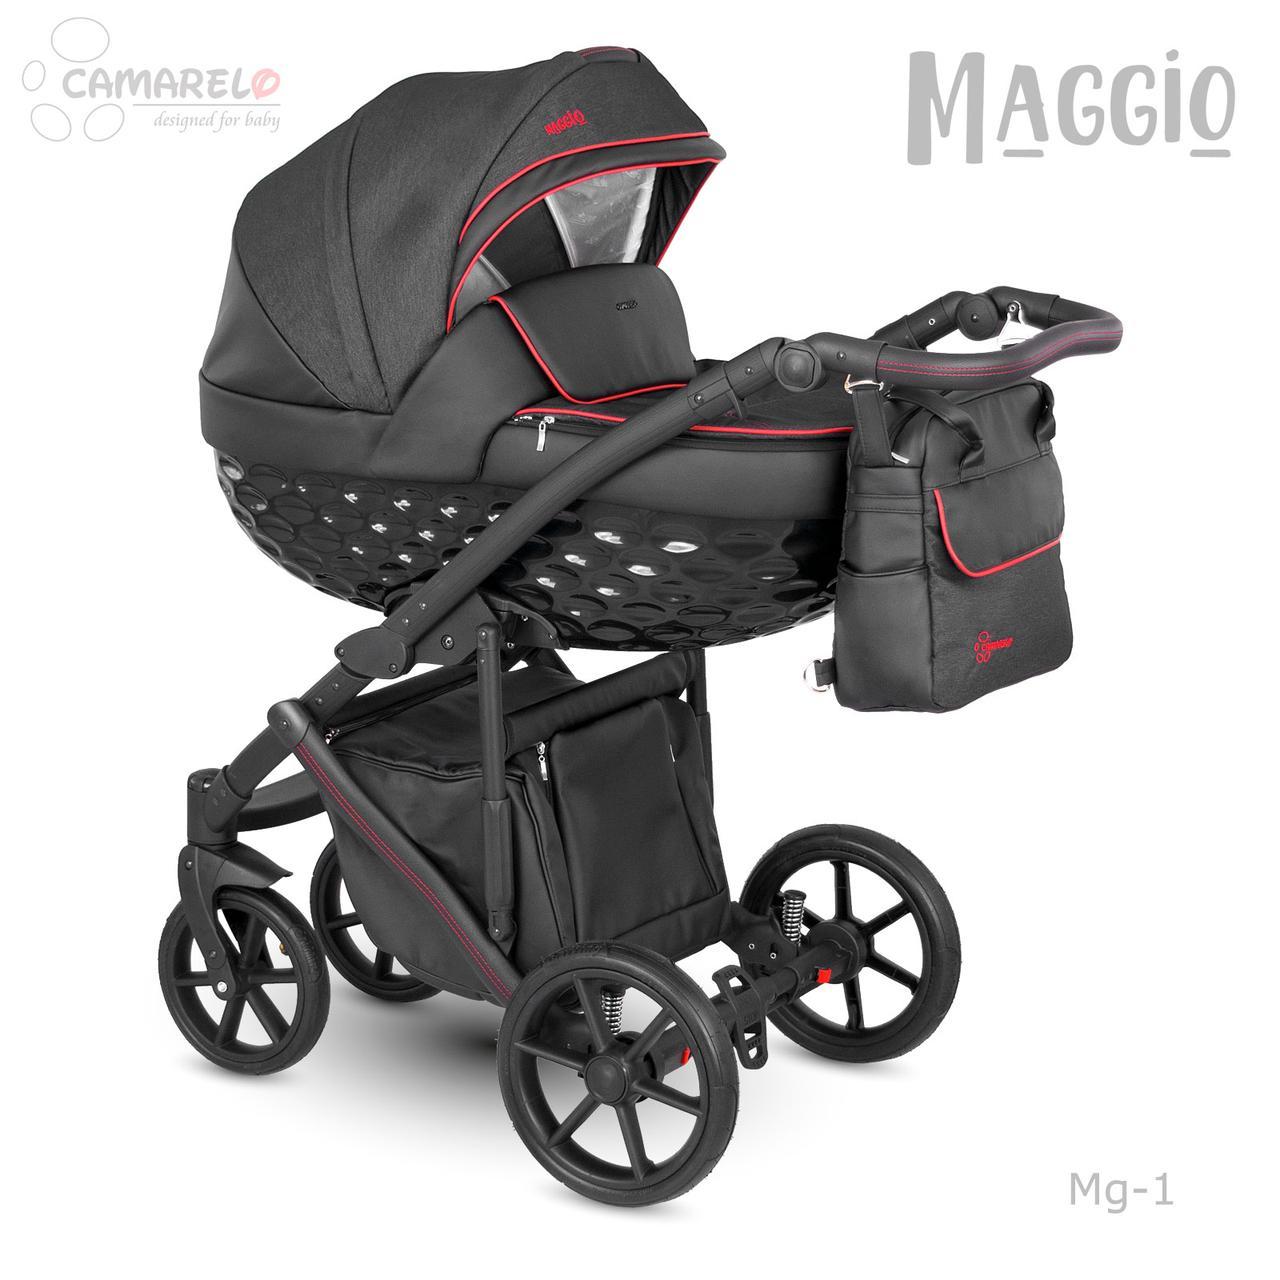 Детская универсальная коляска 2 в 1 Camarelo Maggio Mg-1